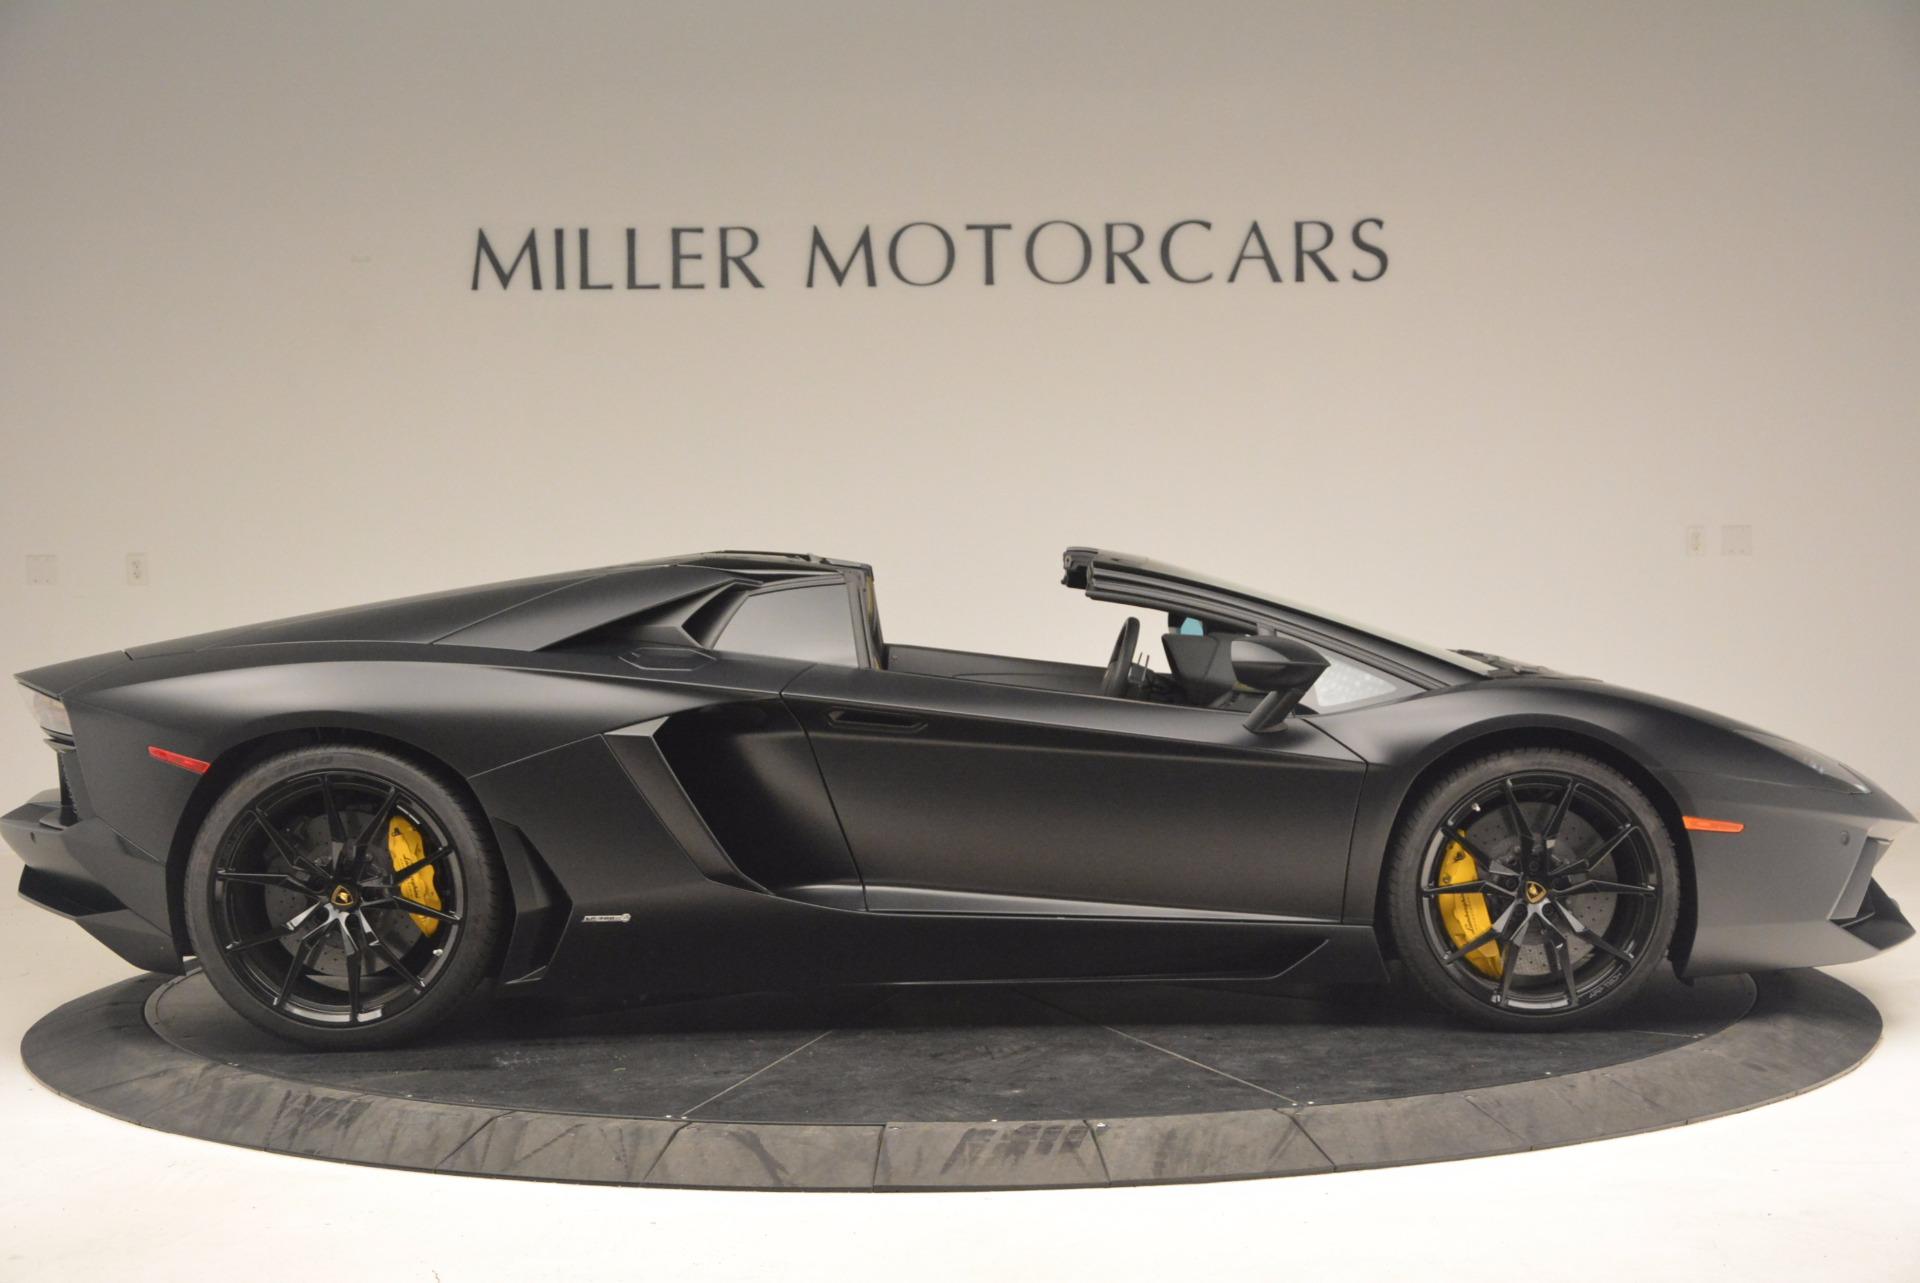 Used 2015 Lamborghini Aventador LP 700-4 For Sale In Greenwich, CT 1217_p10